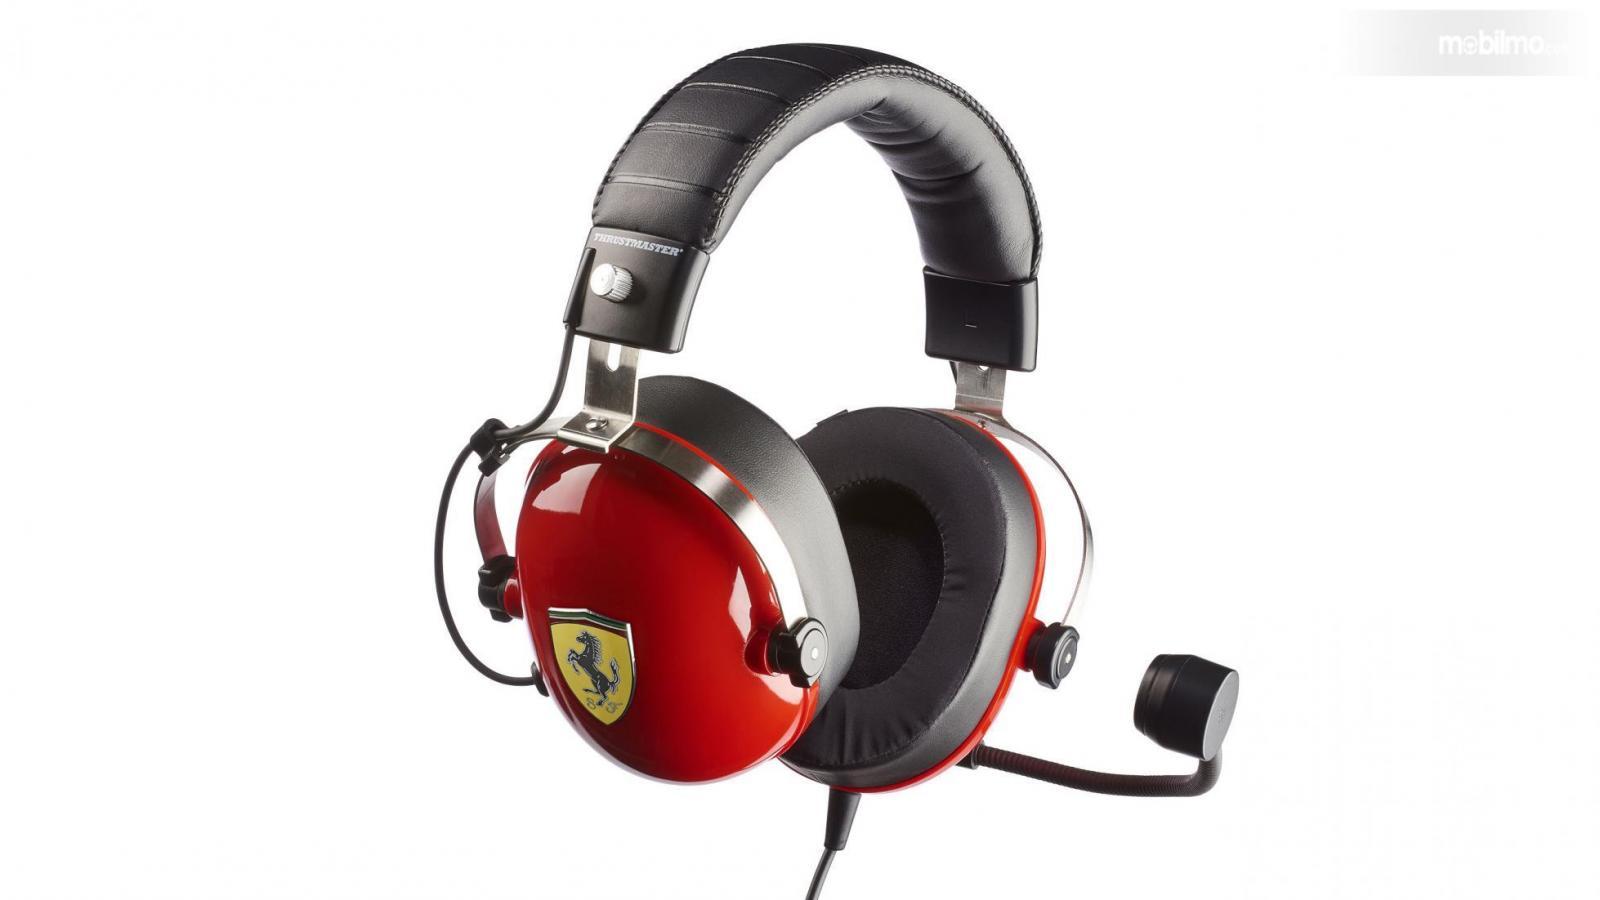 Gambar headset Thrustmaster edisi Ferrari